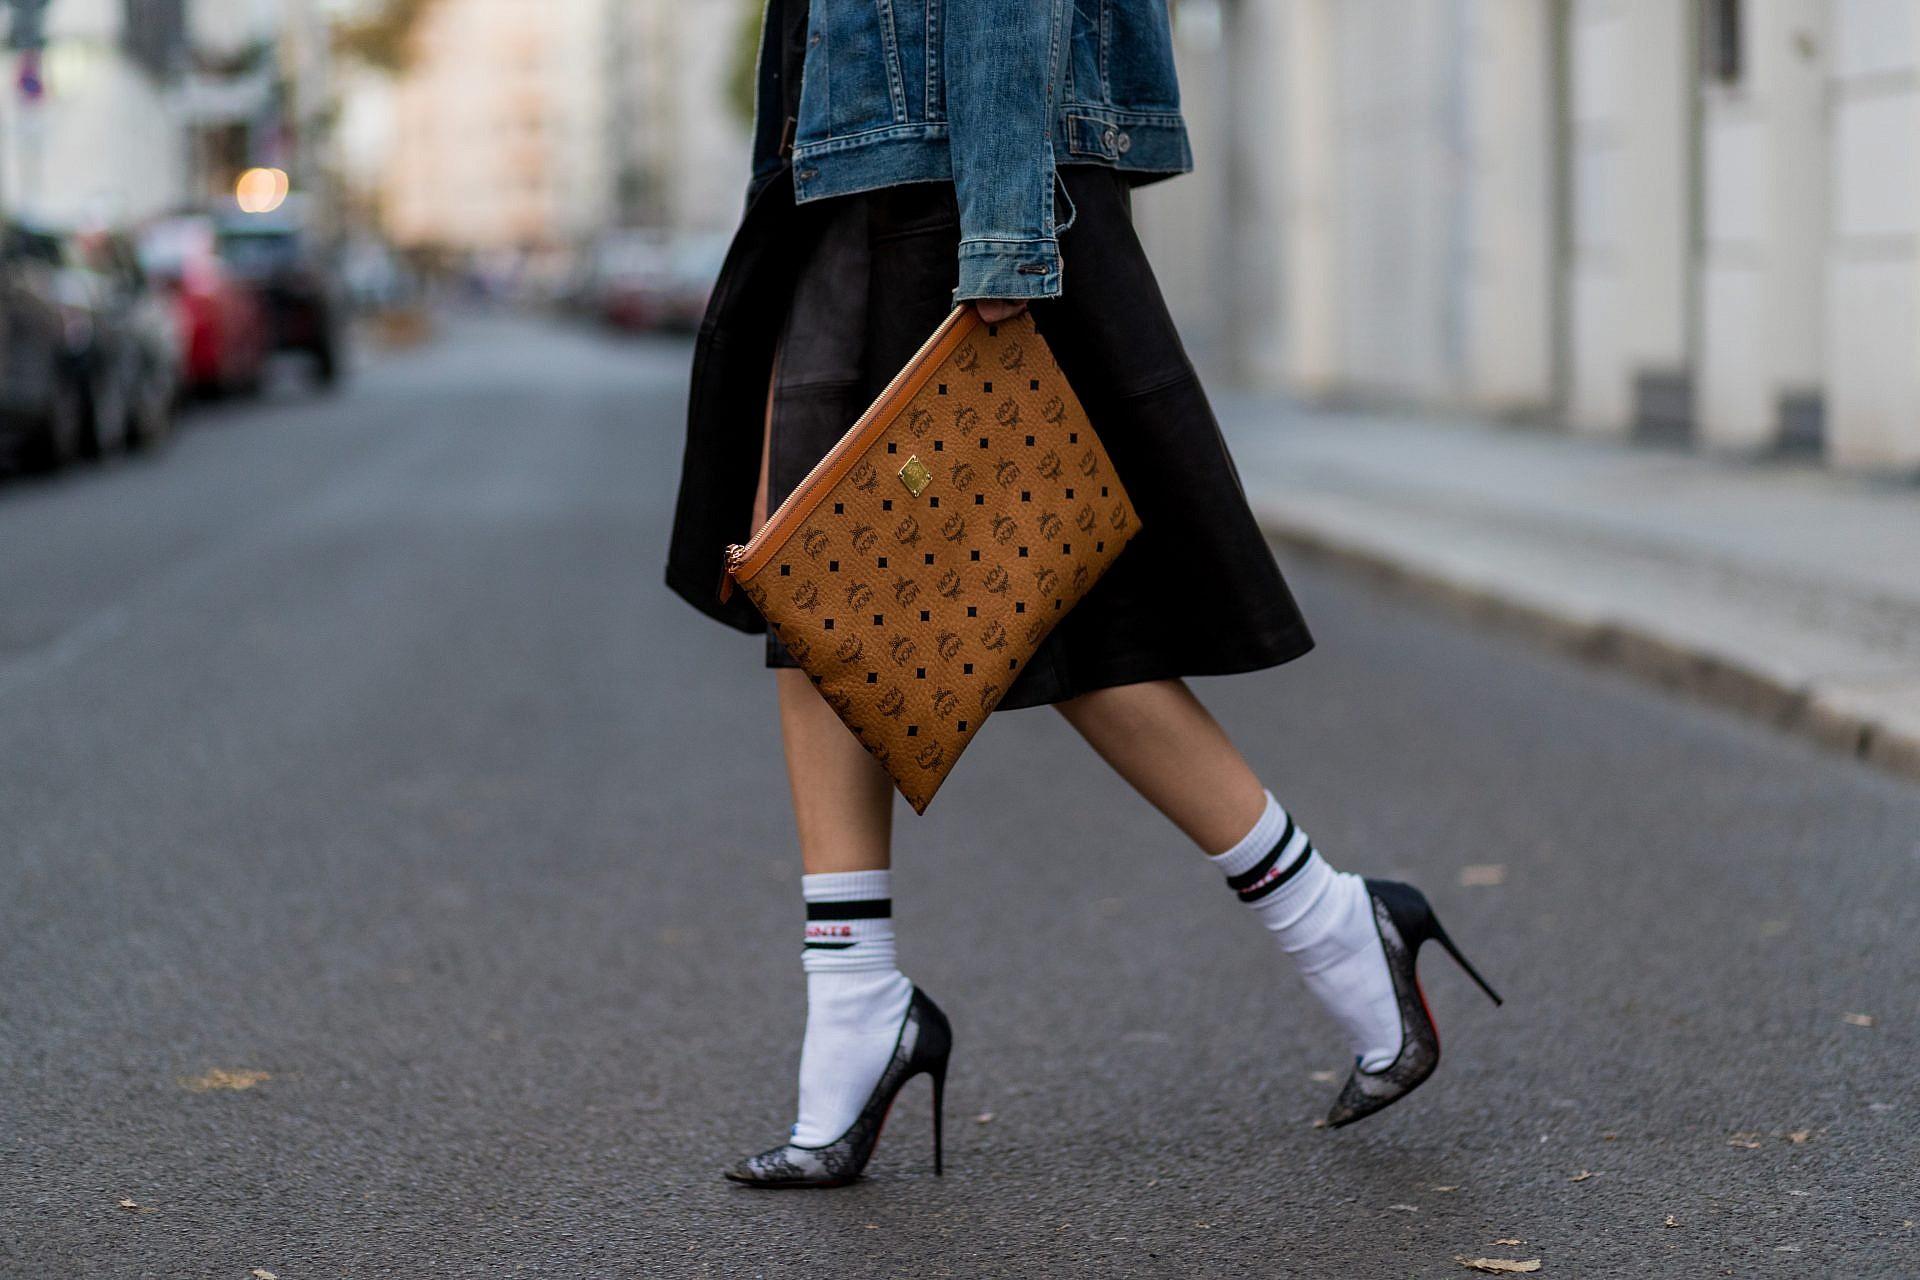 VETEMENS: גרבי ספורט עם נעלי עקב וחצאית. צילום: GettyImages